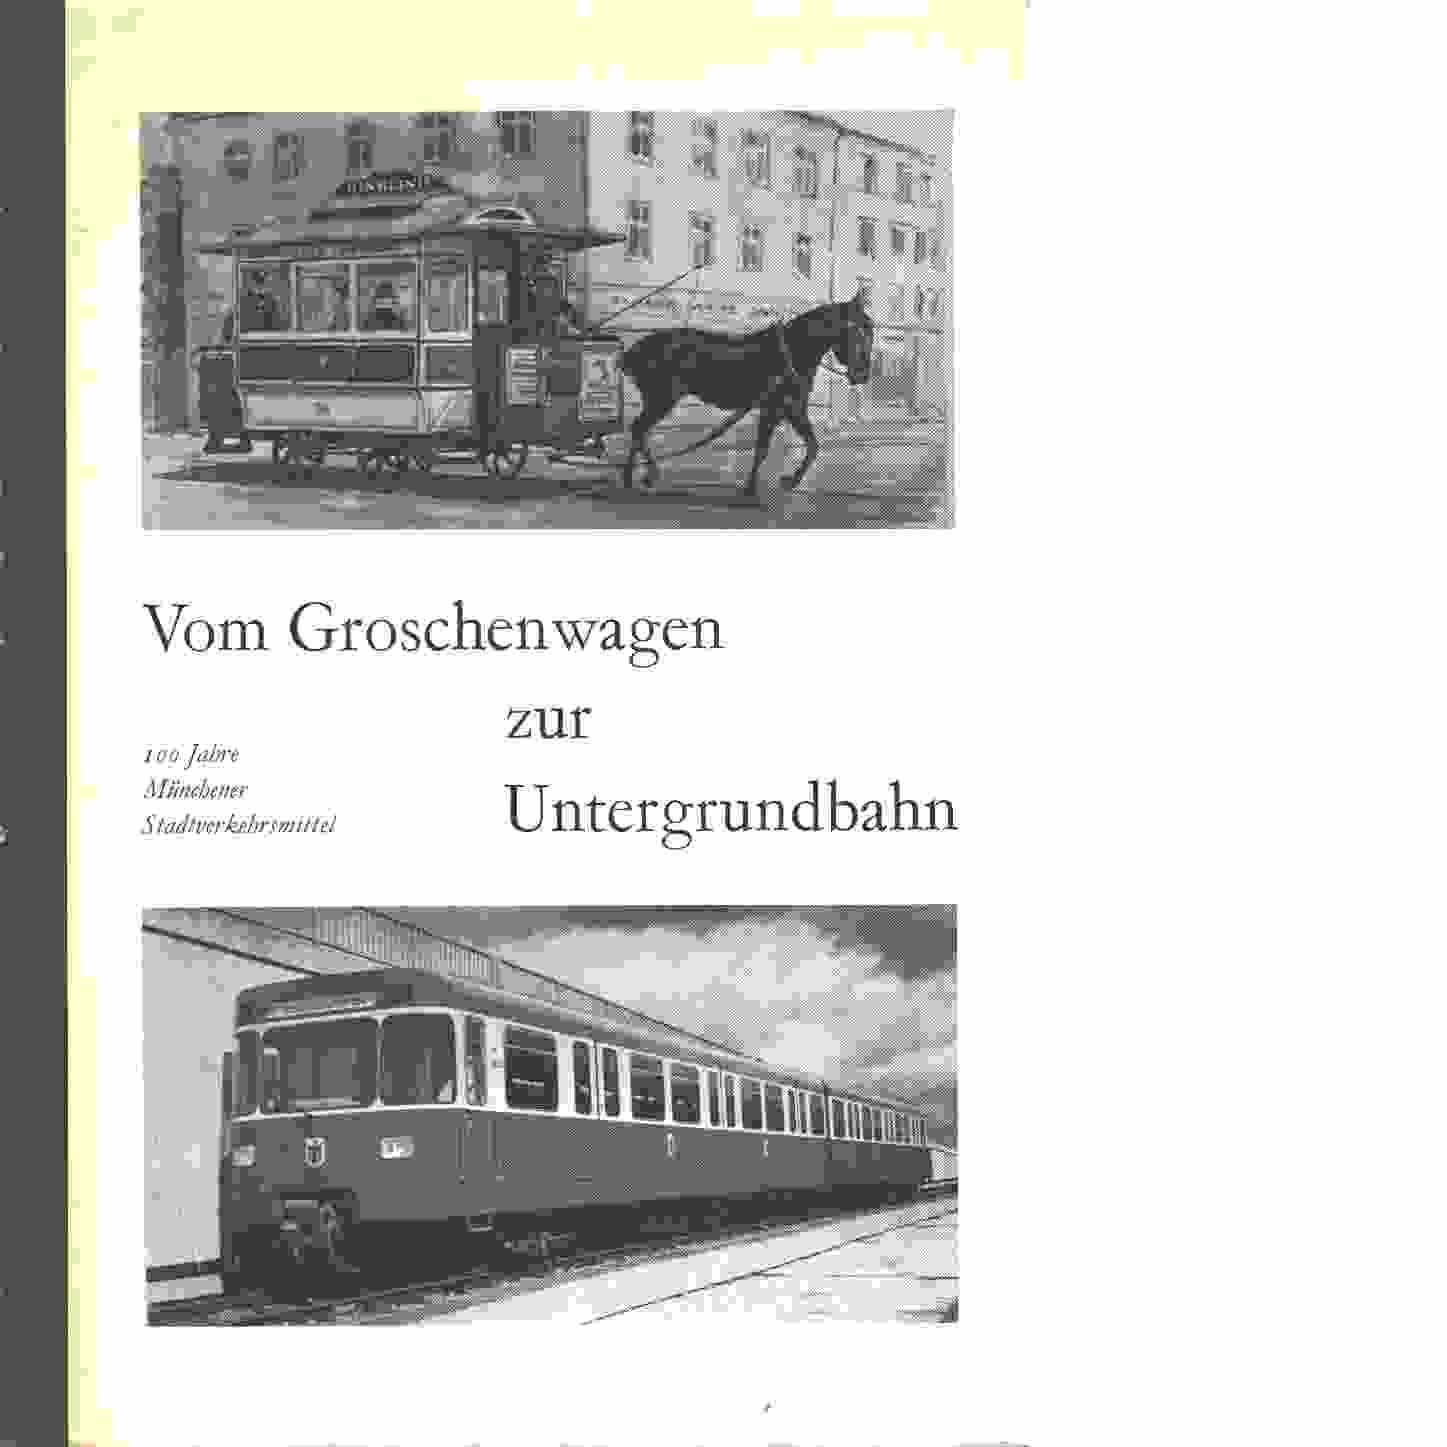 Vom Groschenwagen zur Untergrundbahn : 100 Jahre Münchener Stadtverkehrsmittel - Red.